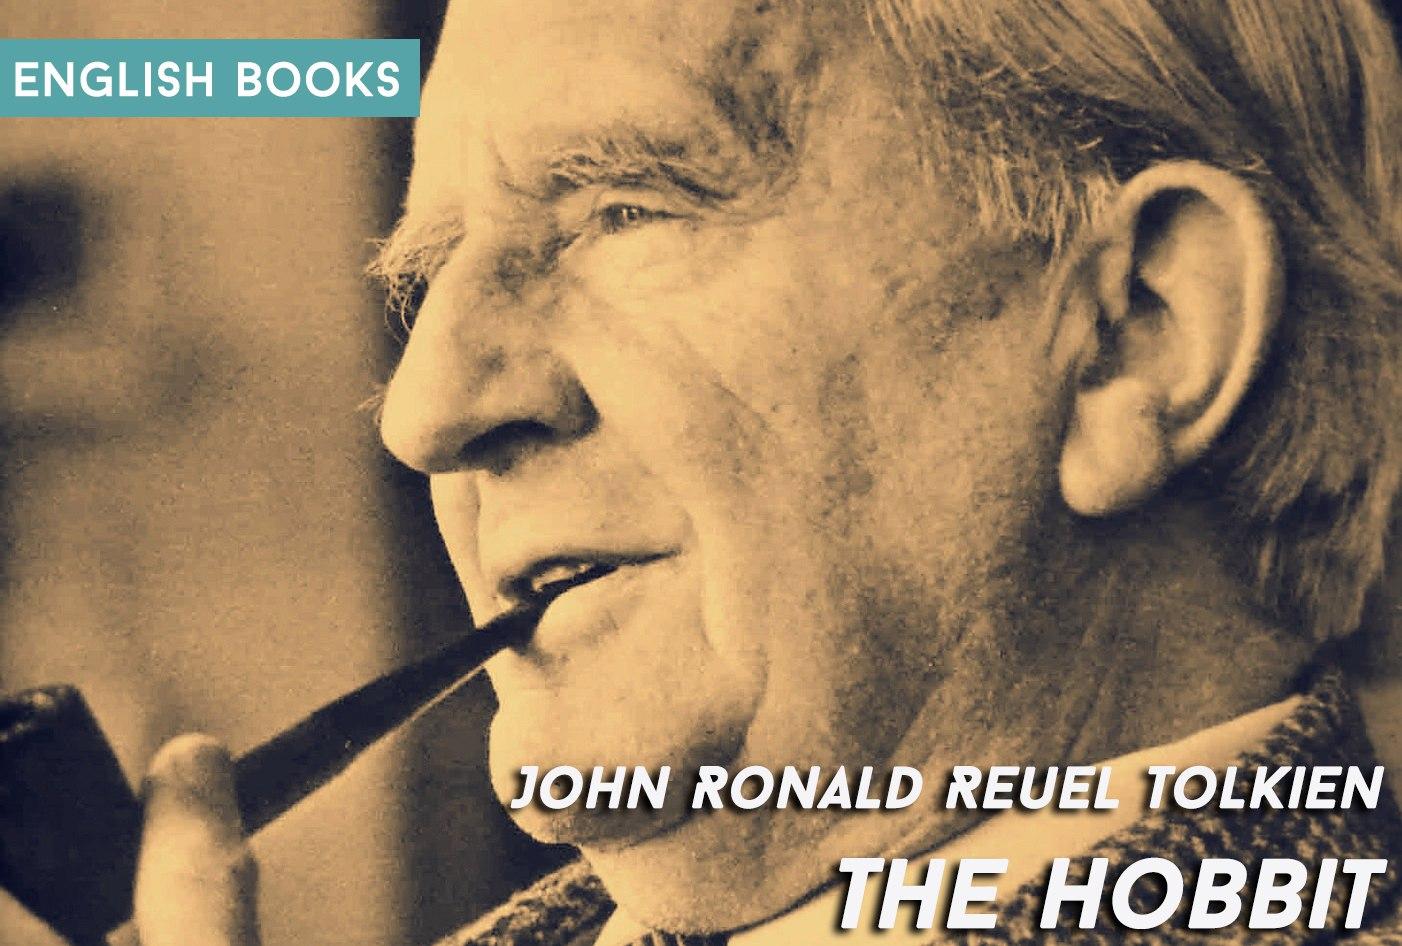 John Ronald Reuel Tolkien — The Hobbit